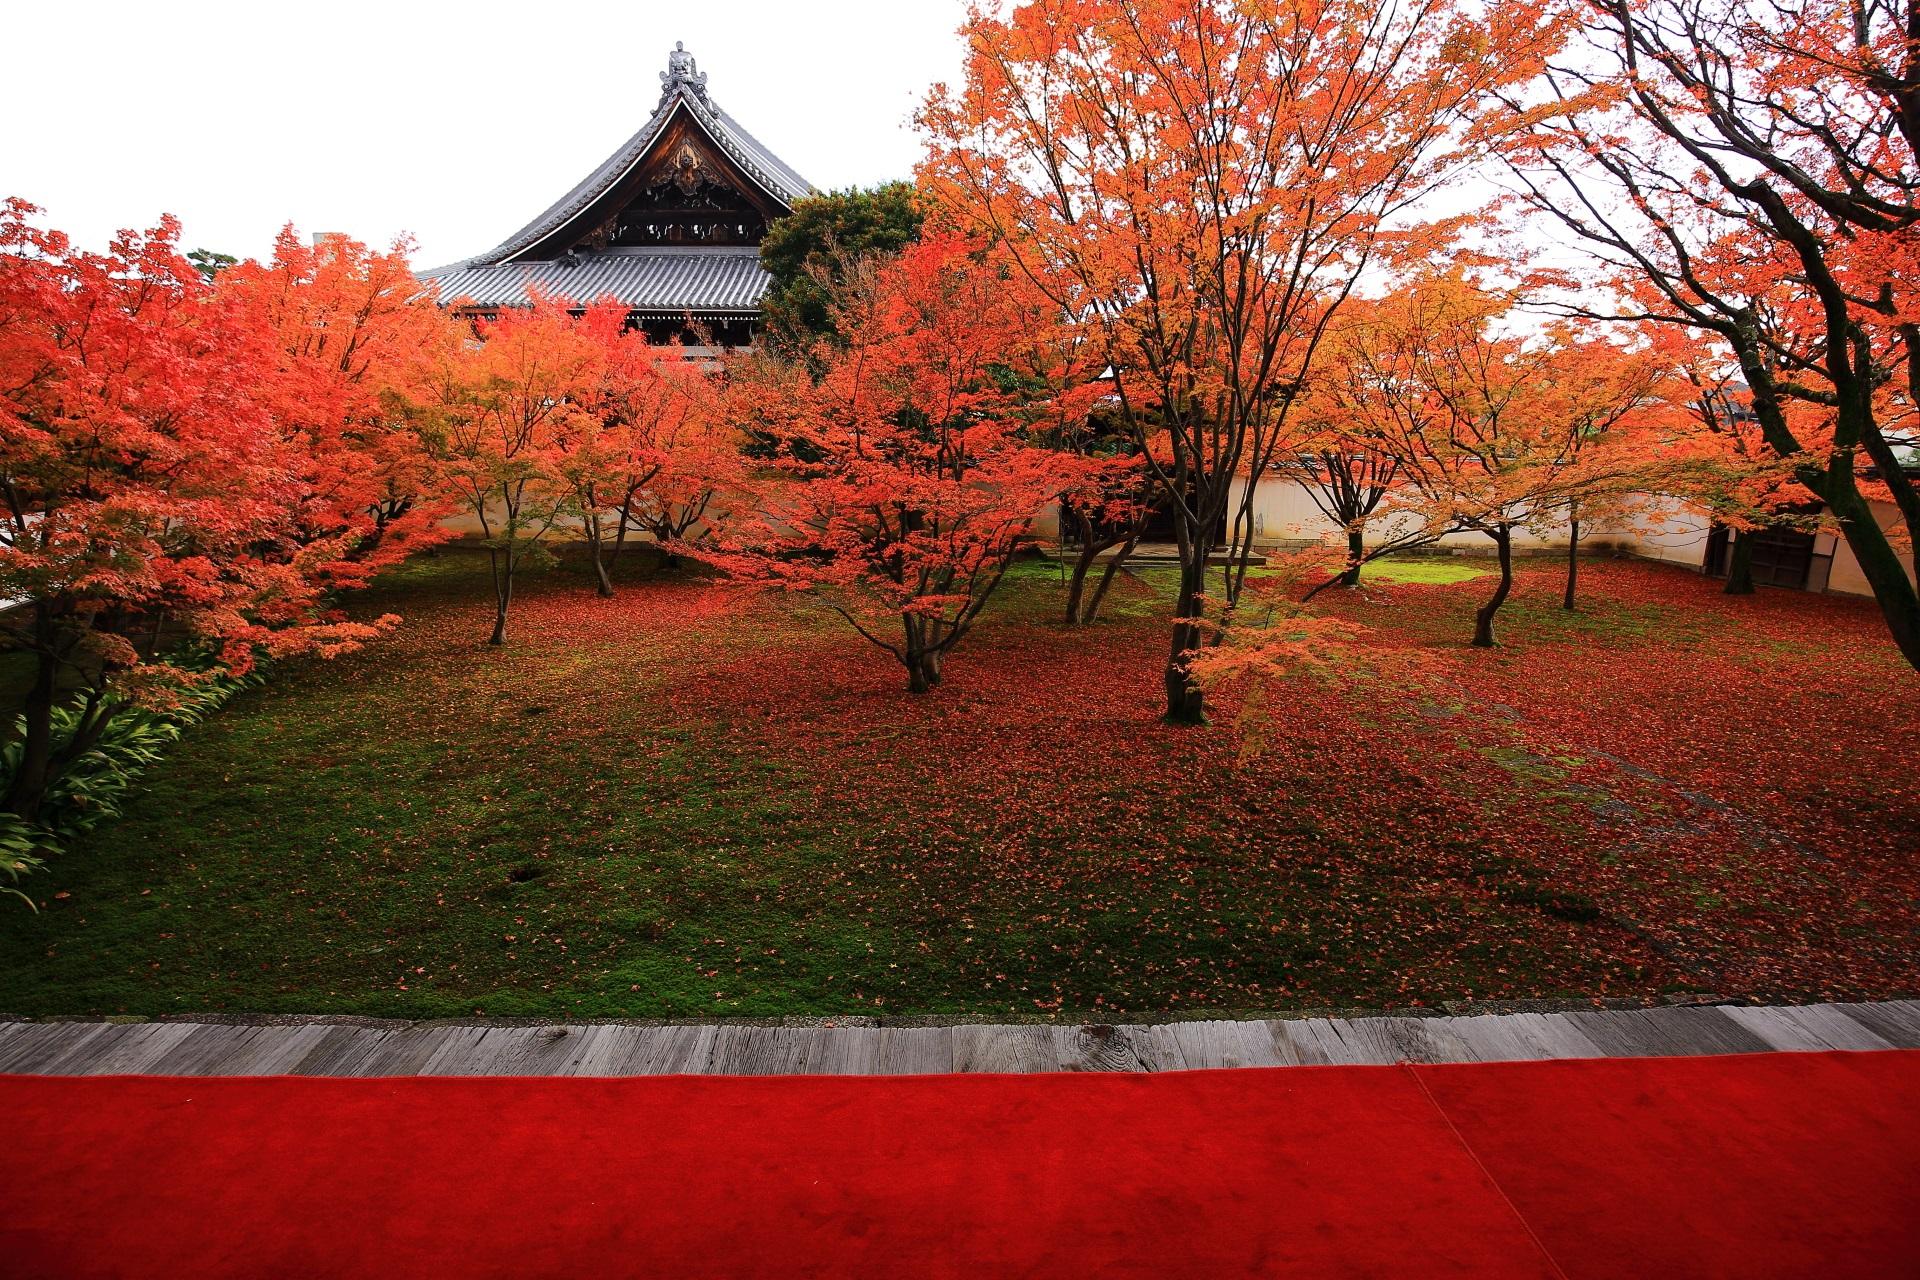 妙覚寺の祖師堂を背景にした本堂前庭園の紅葉